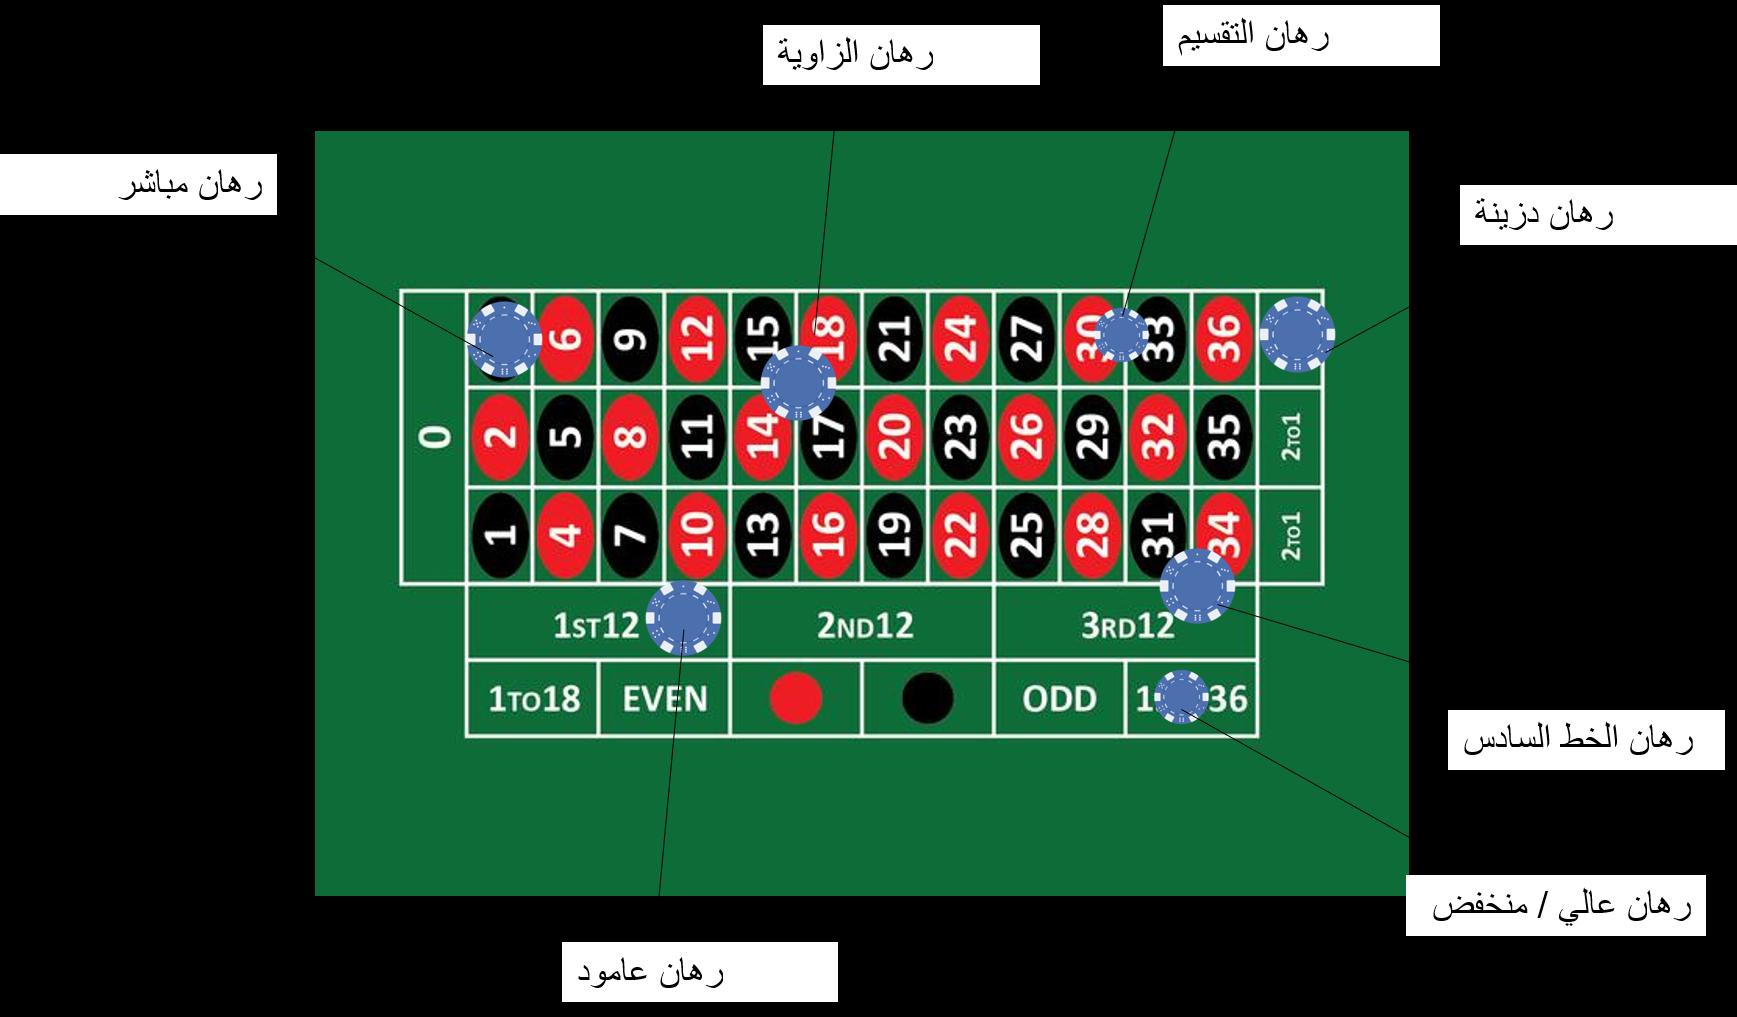 الروليت التقدمي للاعبين - 24904